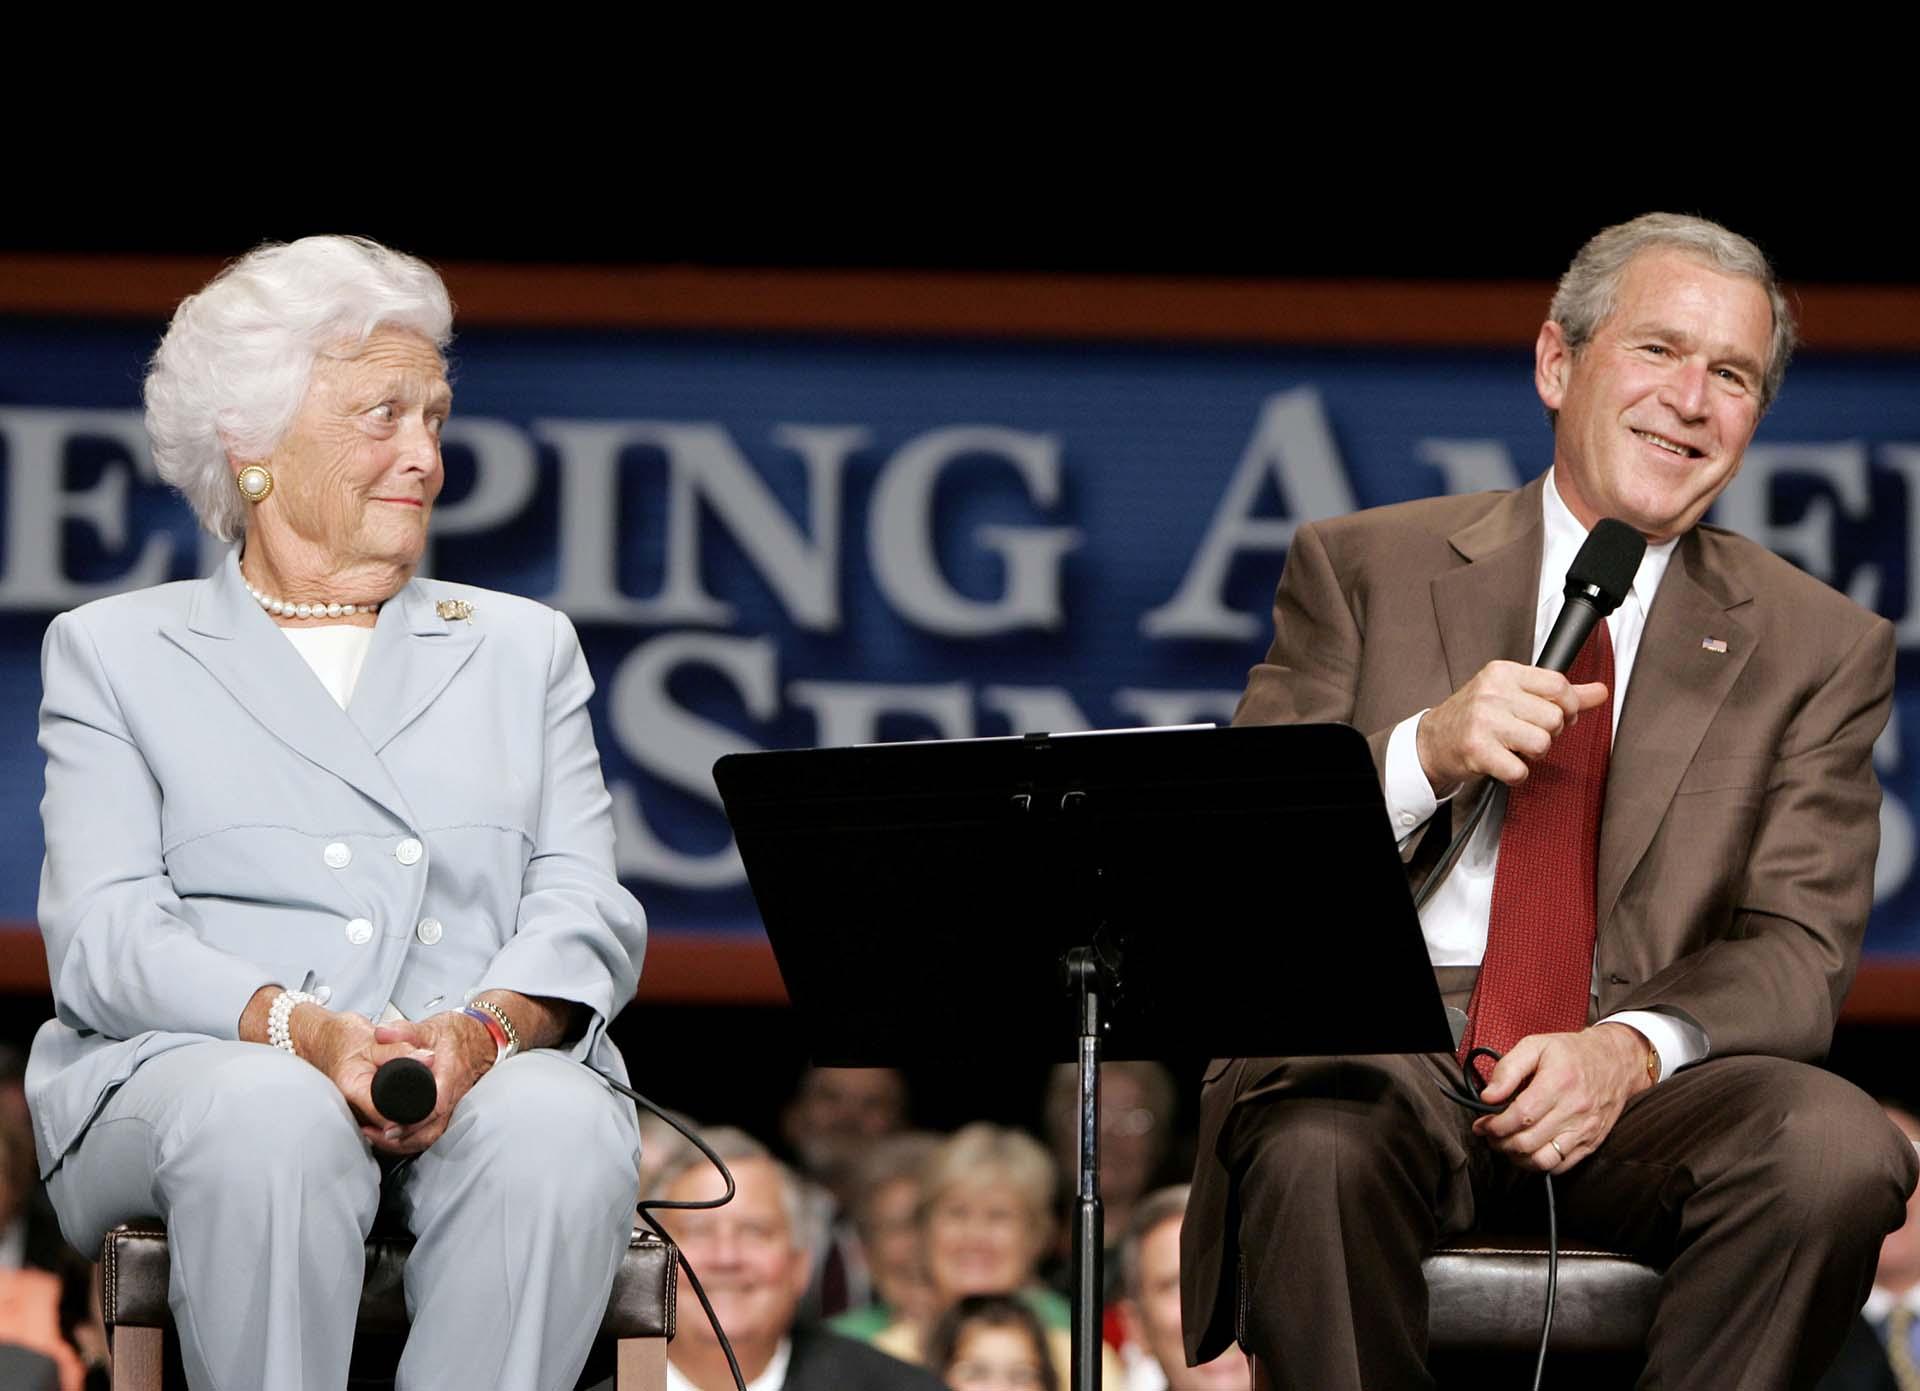 El presidente George W. Bush bromea con su madre durante un acto en Atlanta, Georgia, en 2005. (REUTERS/Larry Downing)